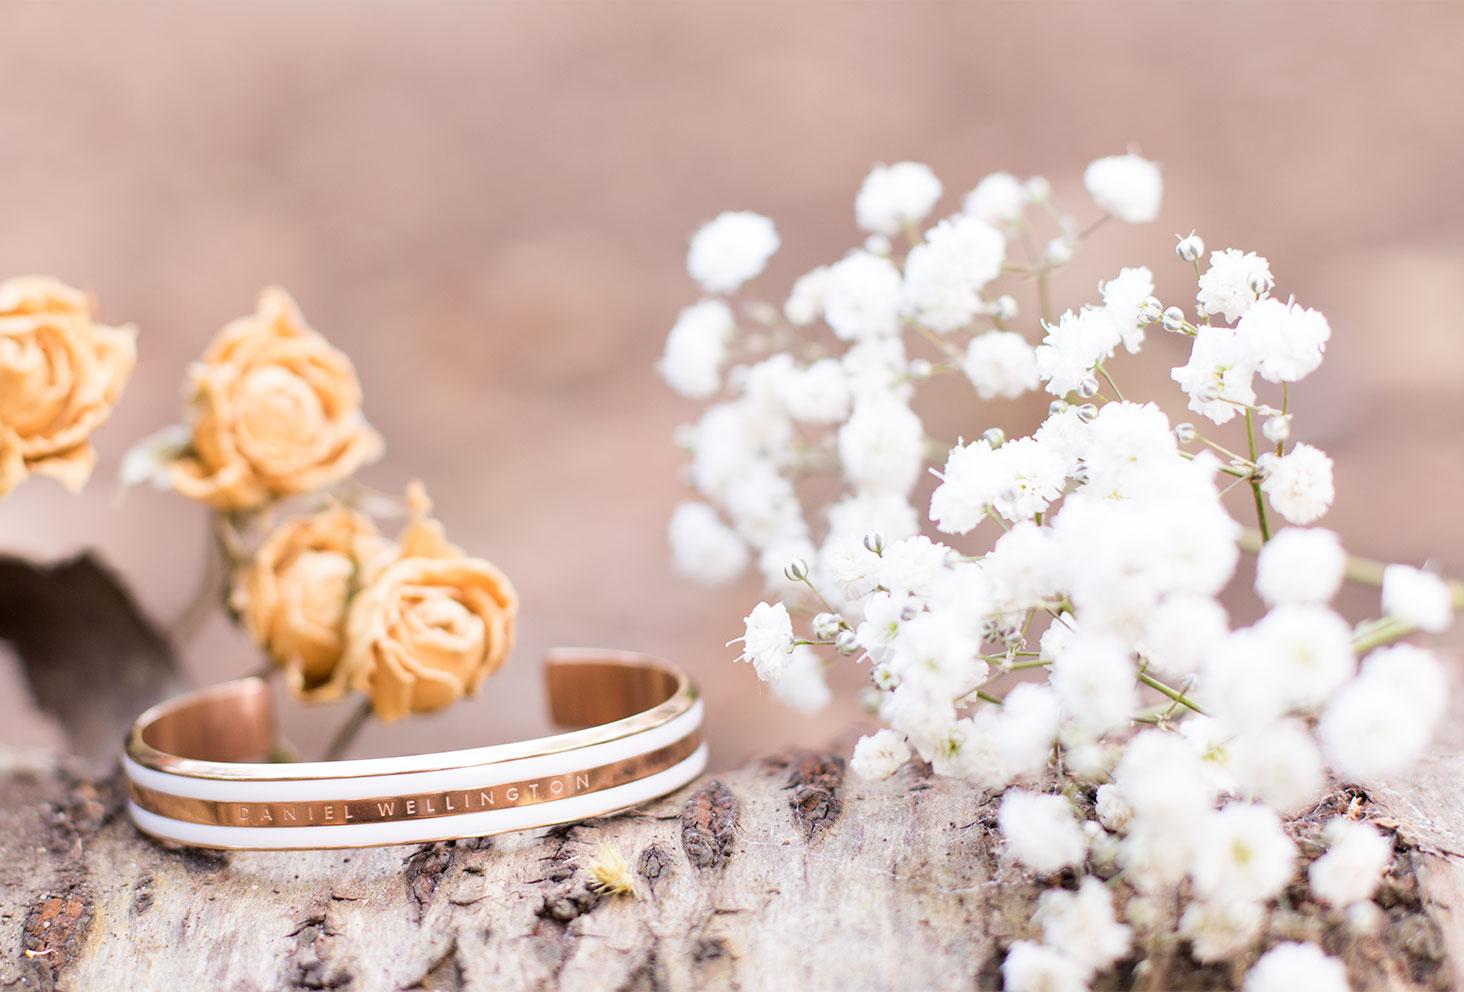 Le Classic bracelet blanc et doré de Daniel Wellington posé sur une souche d'arbre au milieu des fleurs séchées blanches et jaunes